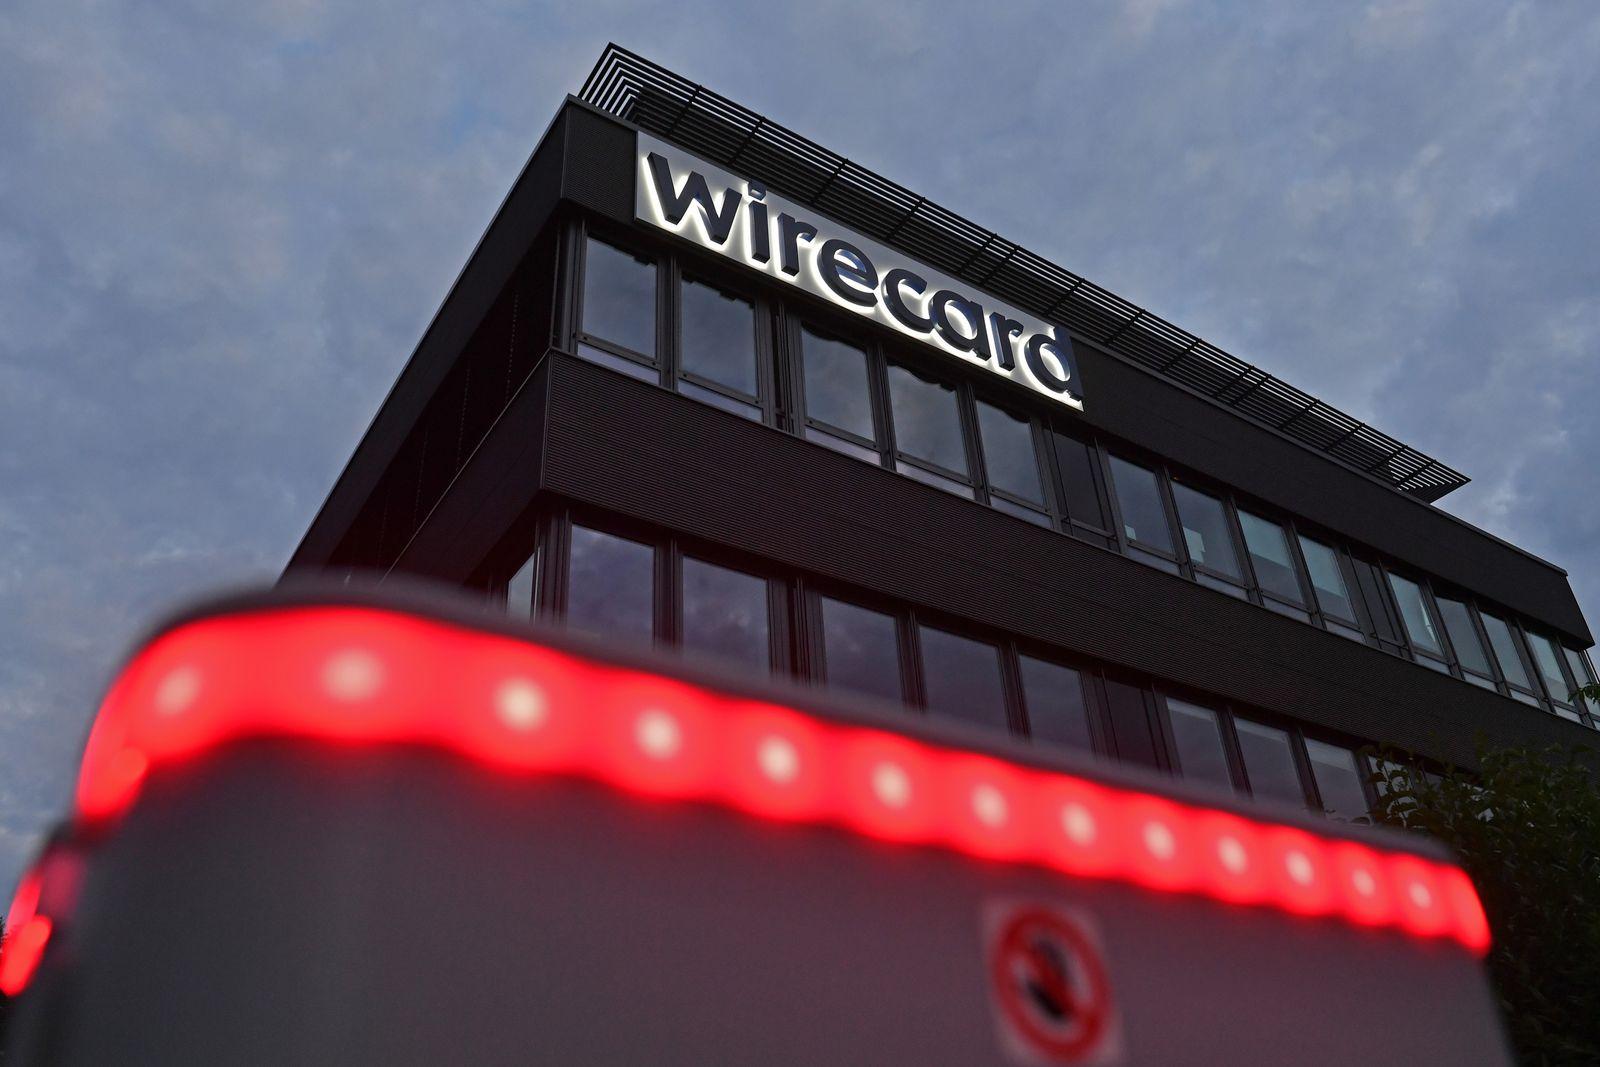 Headquarter wirecard AG in Aschheim Dornach am Abend